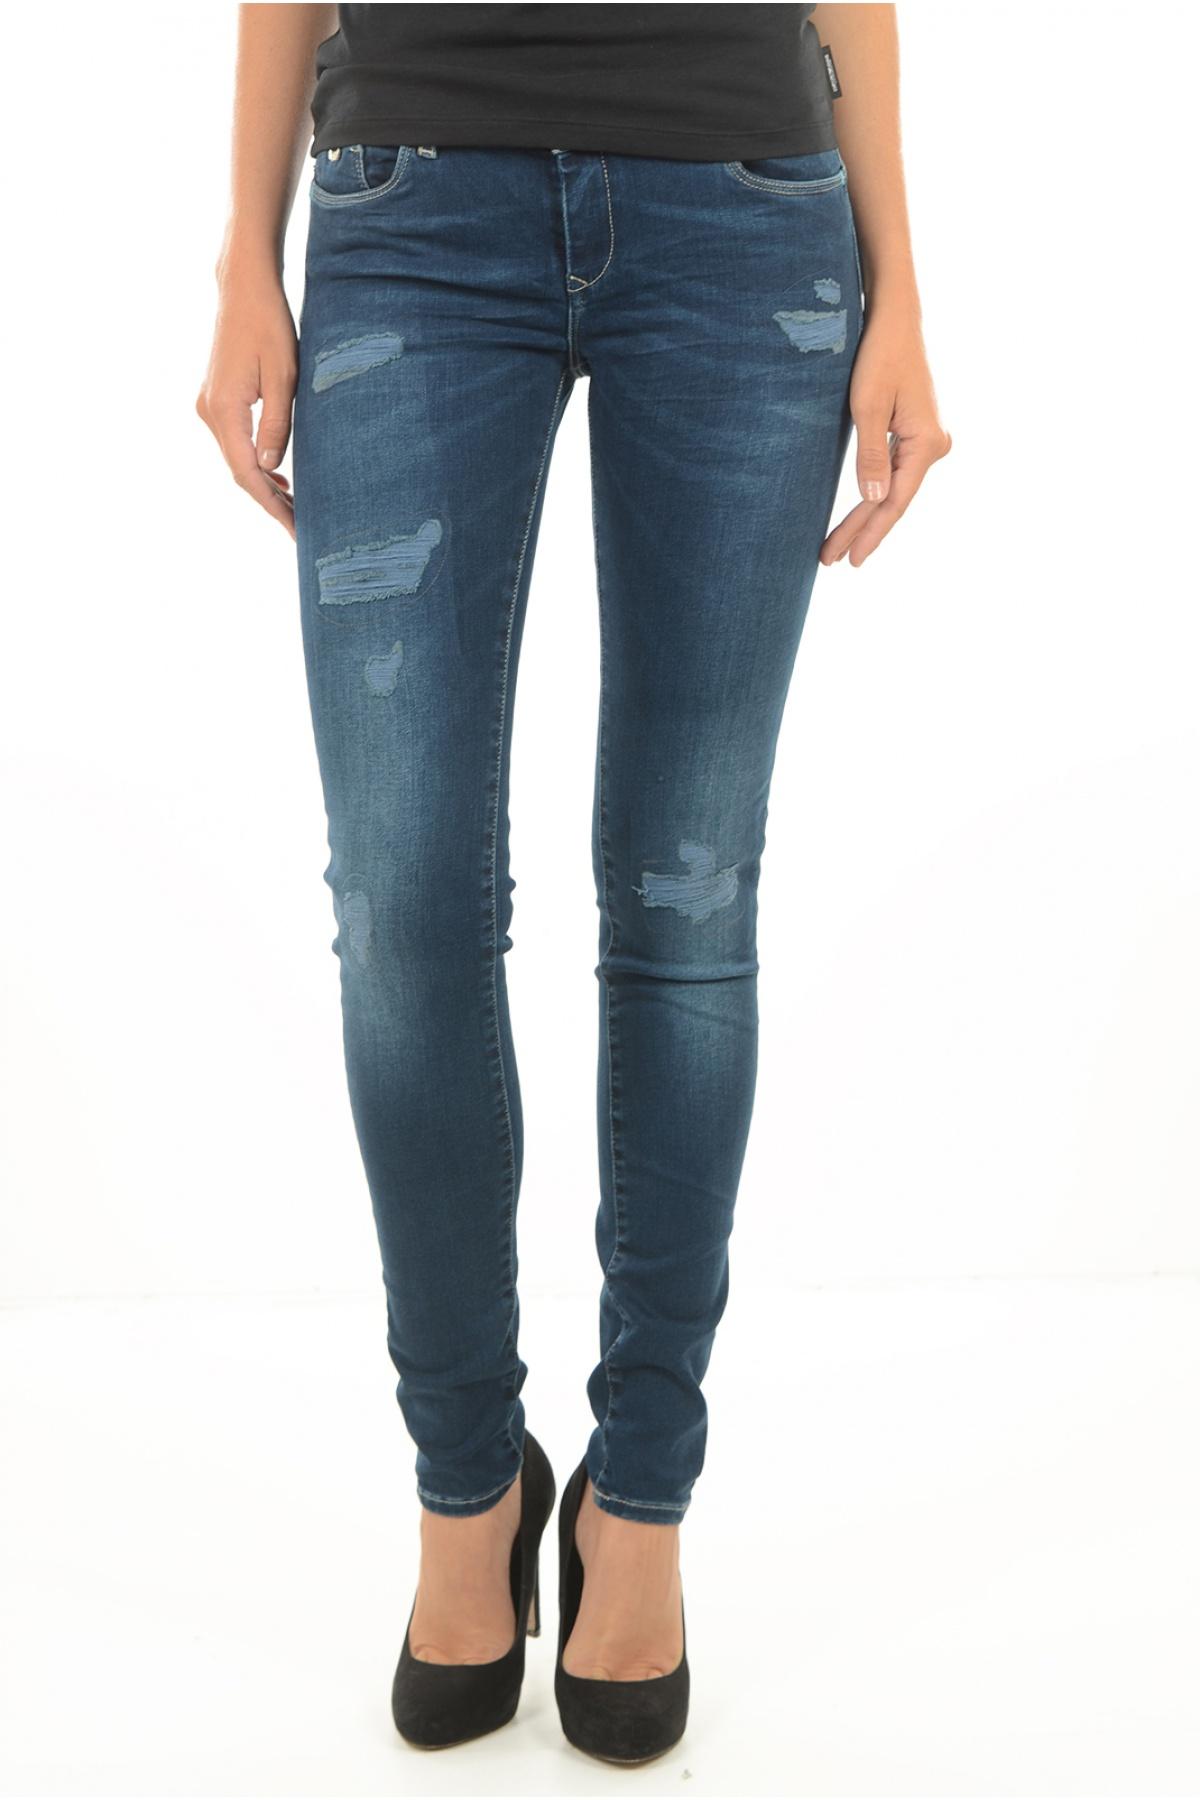 Jeans Kaporal Femme 30